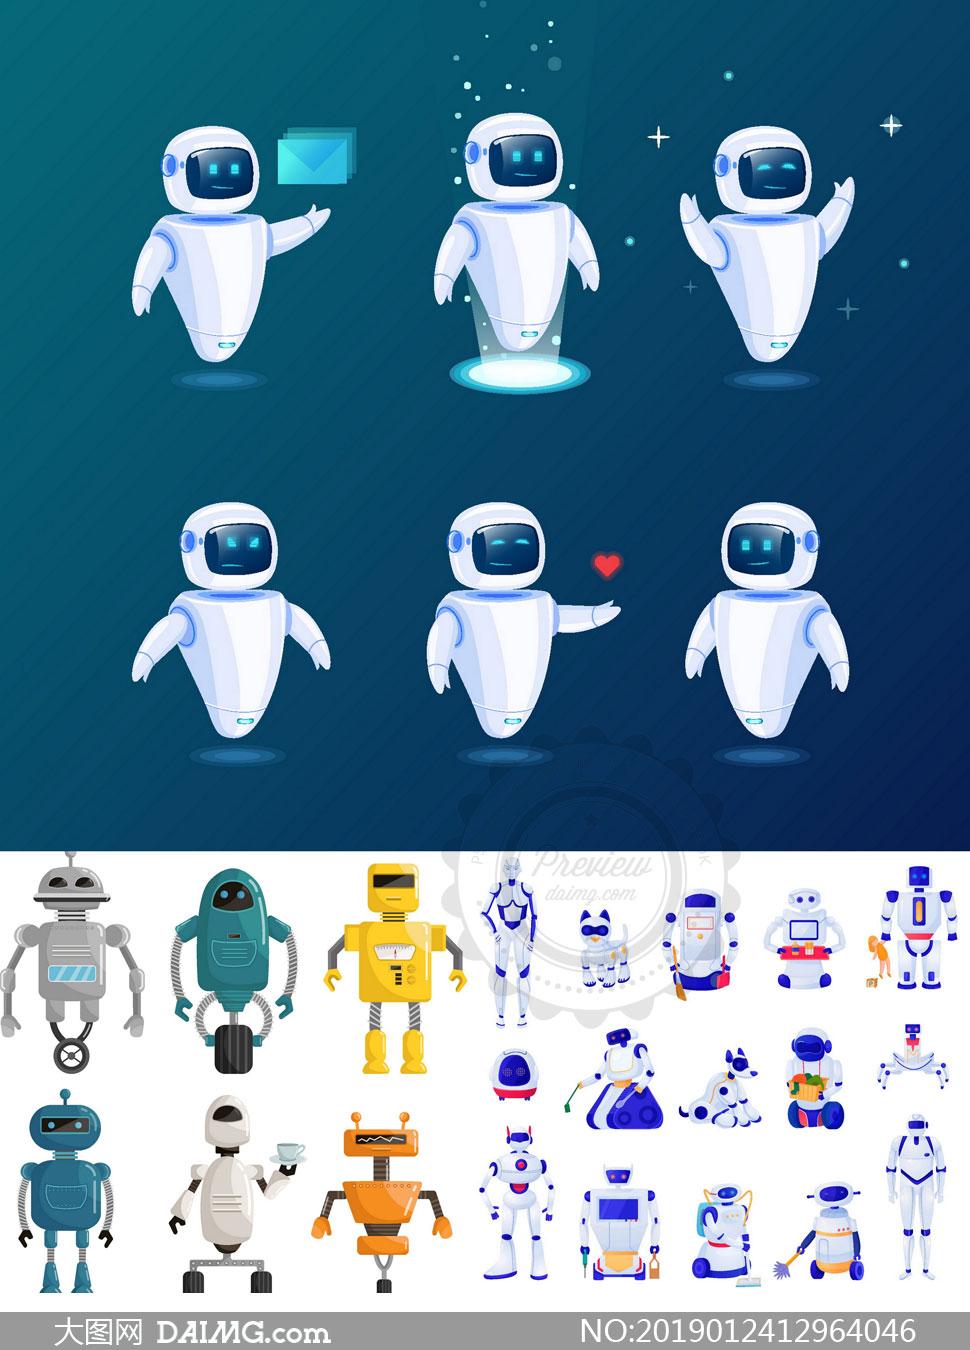 多款高科技智能机器人创意矢量素材